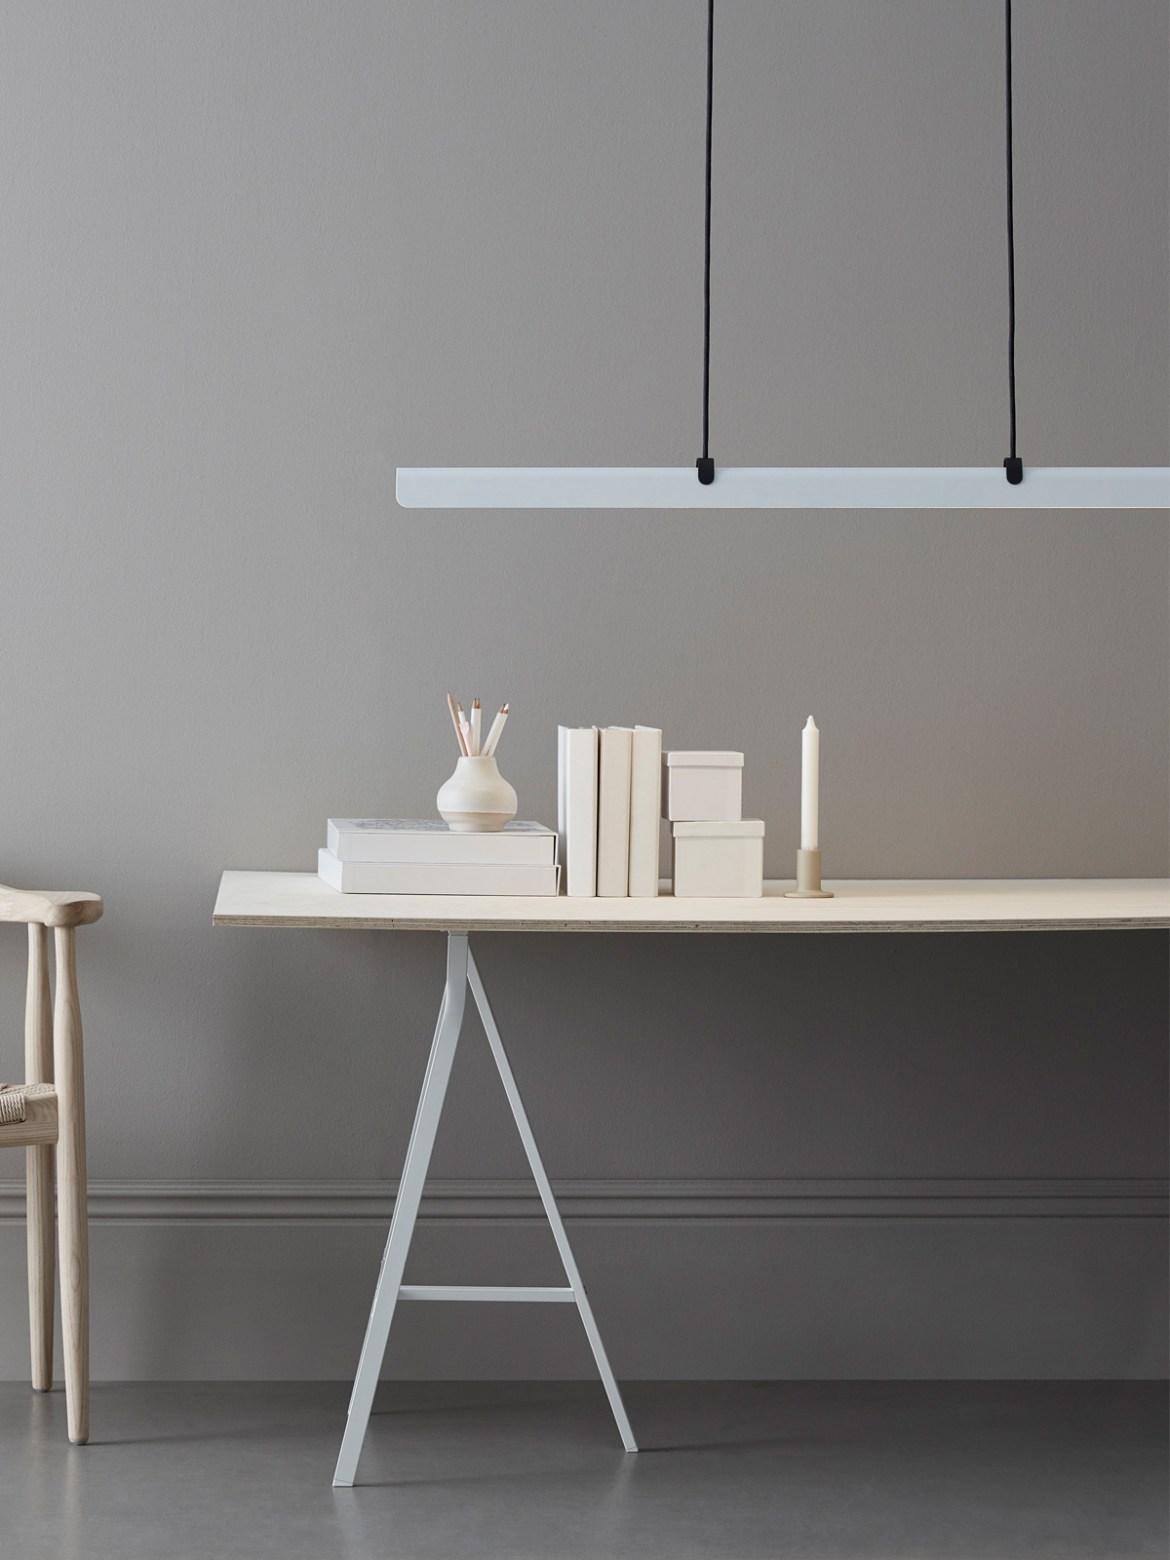 DesignOrt Blog: Fold Linear lange LED Pendelleuchte von Belid